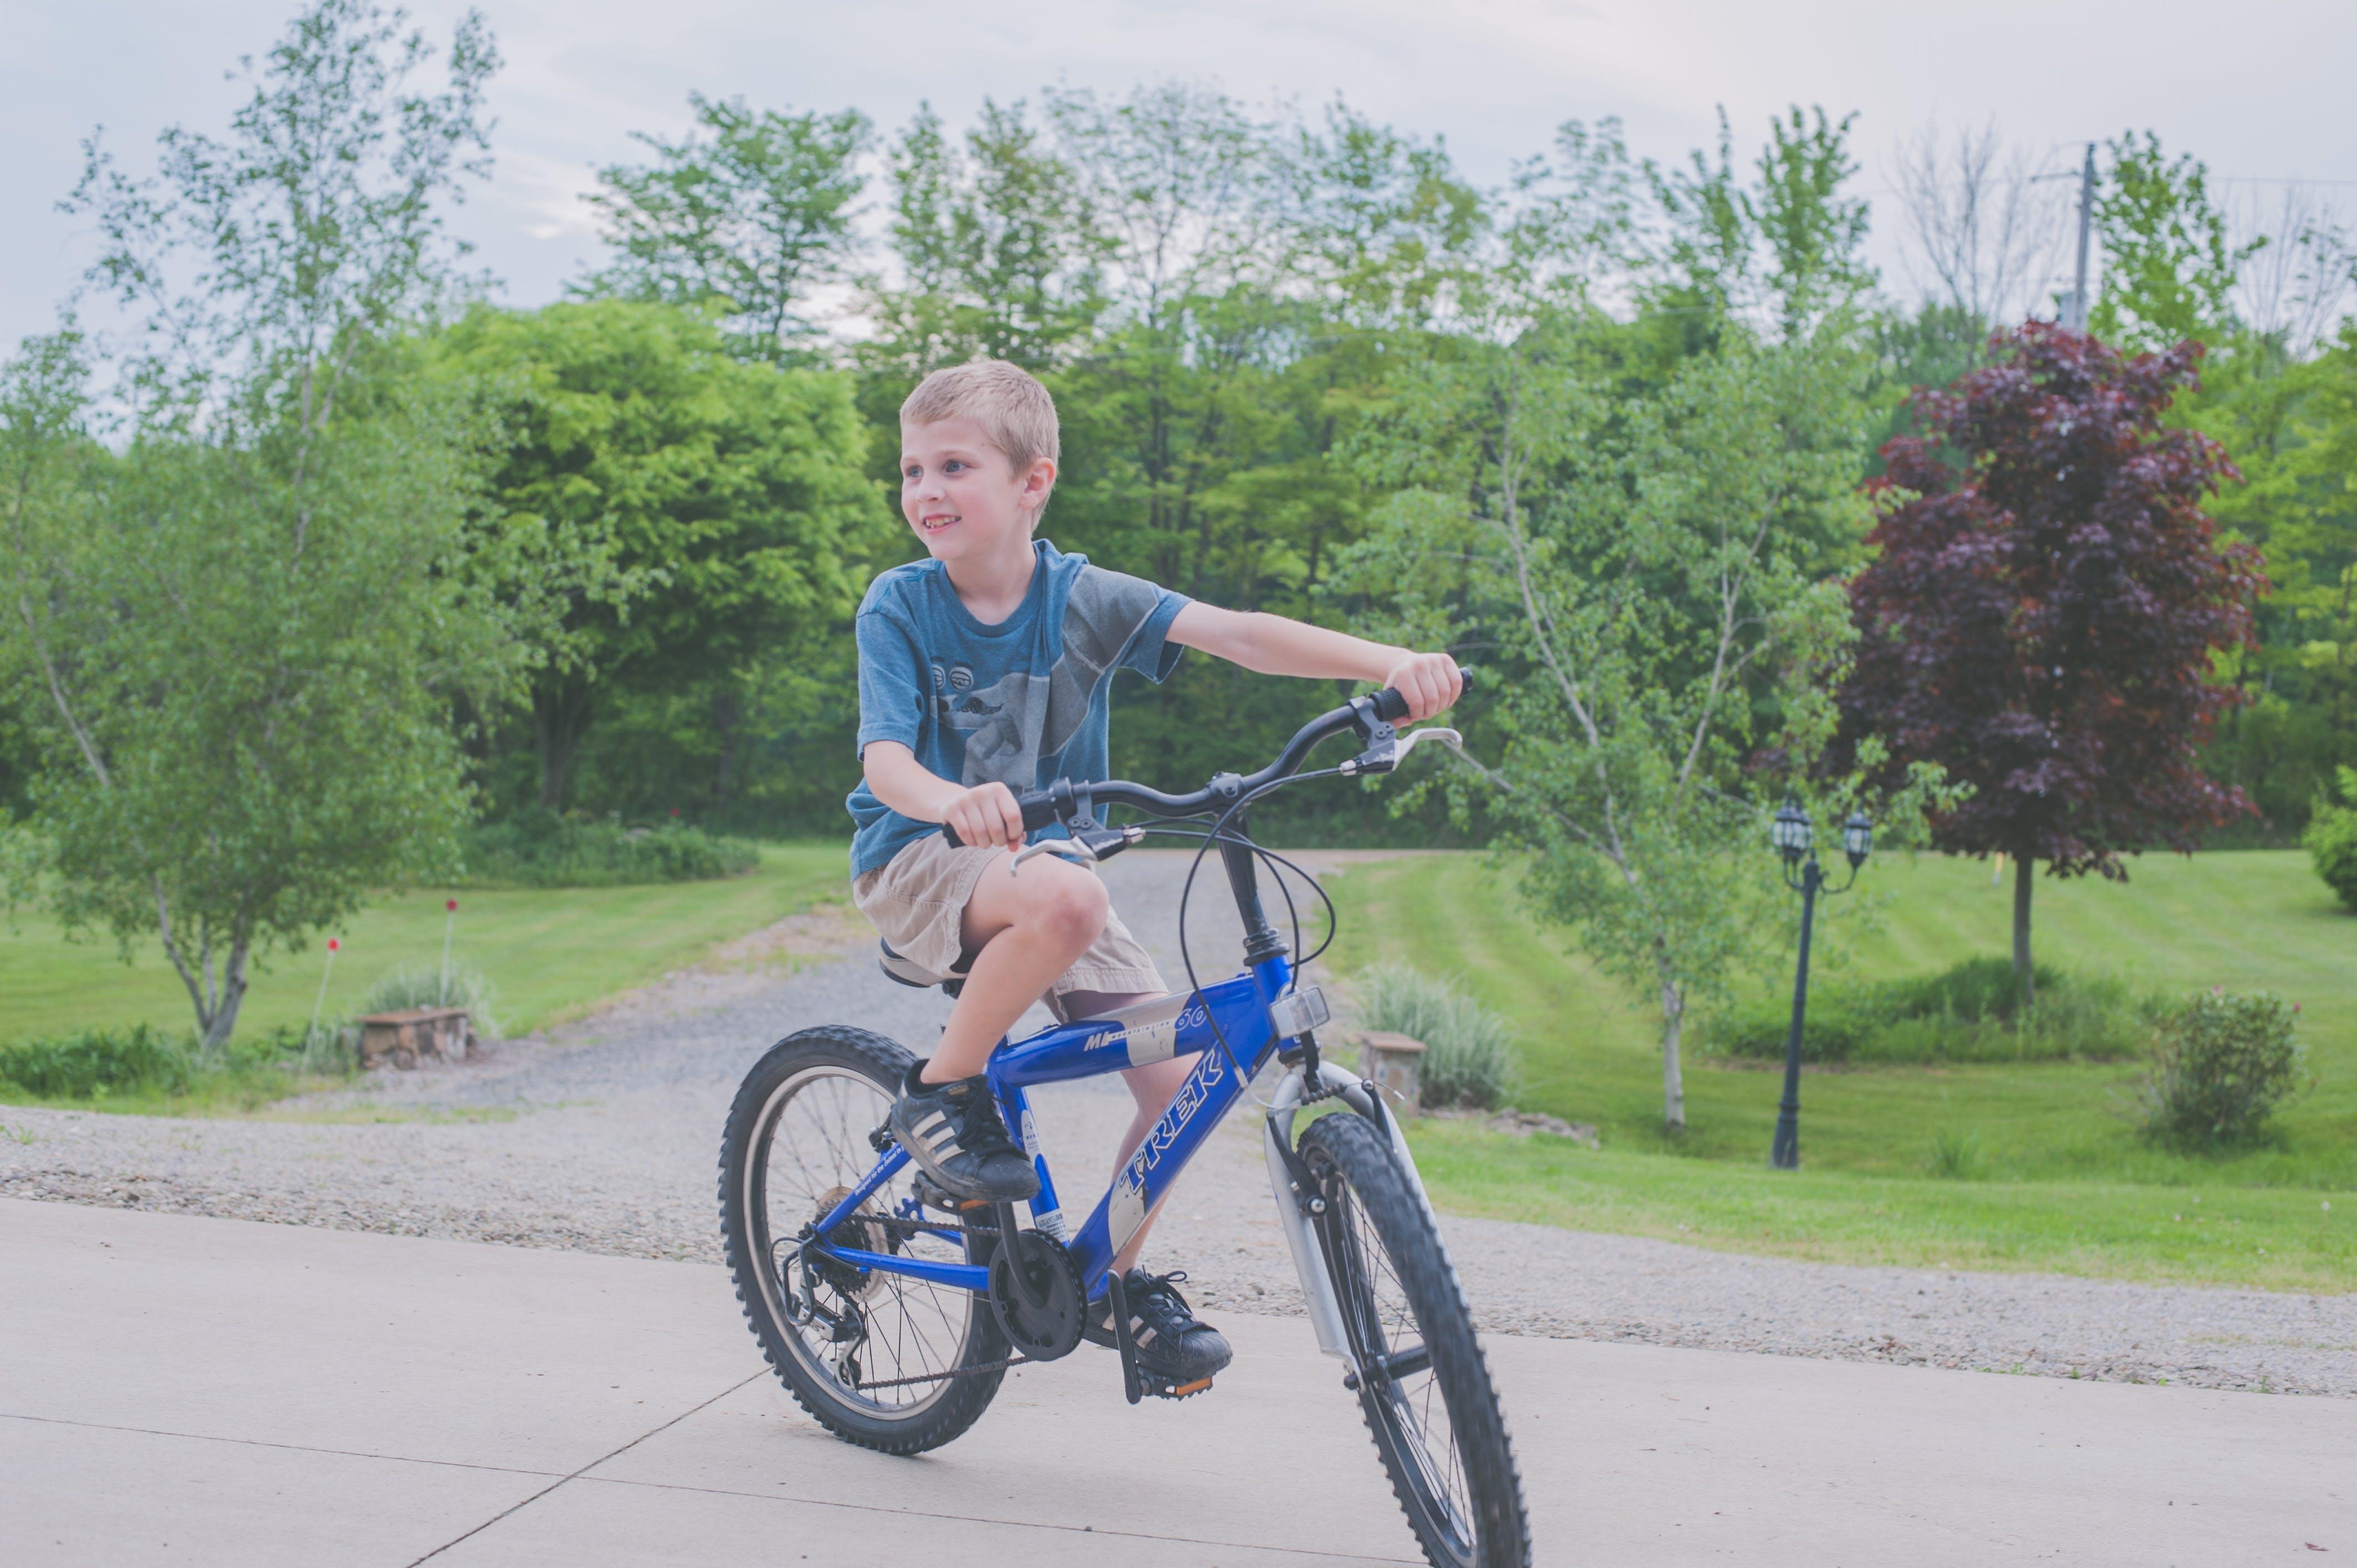 zu aktiv, fahrrad, glück, radfahren